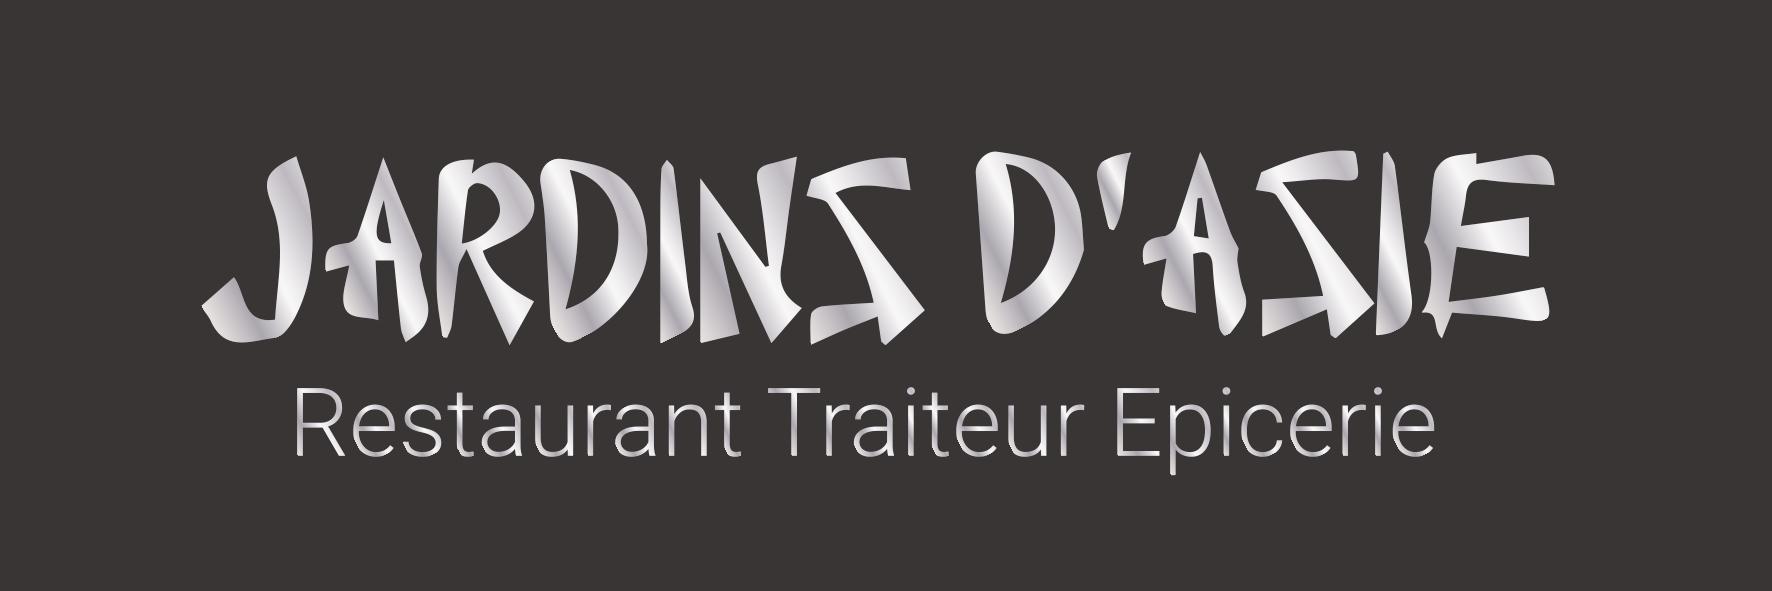 http://usepmm.fr/wp-content/uploads/2021/03/Jardin-Dasie-gris_page-0001.jpg